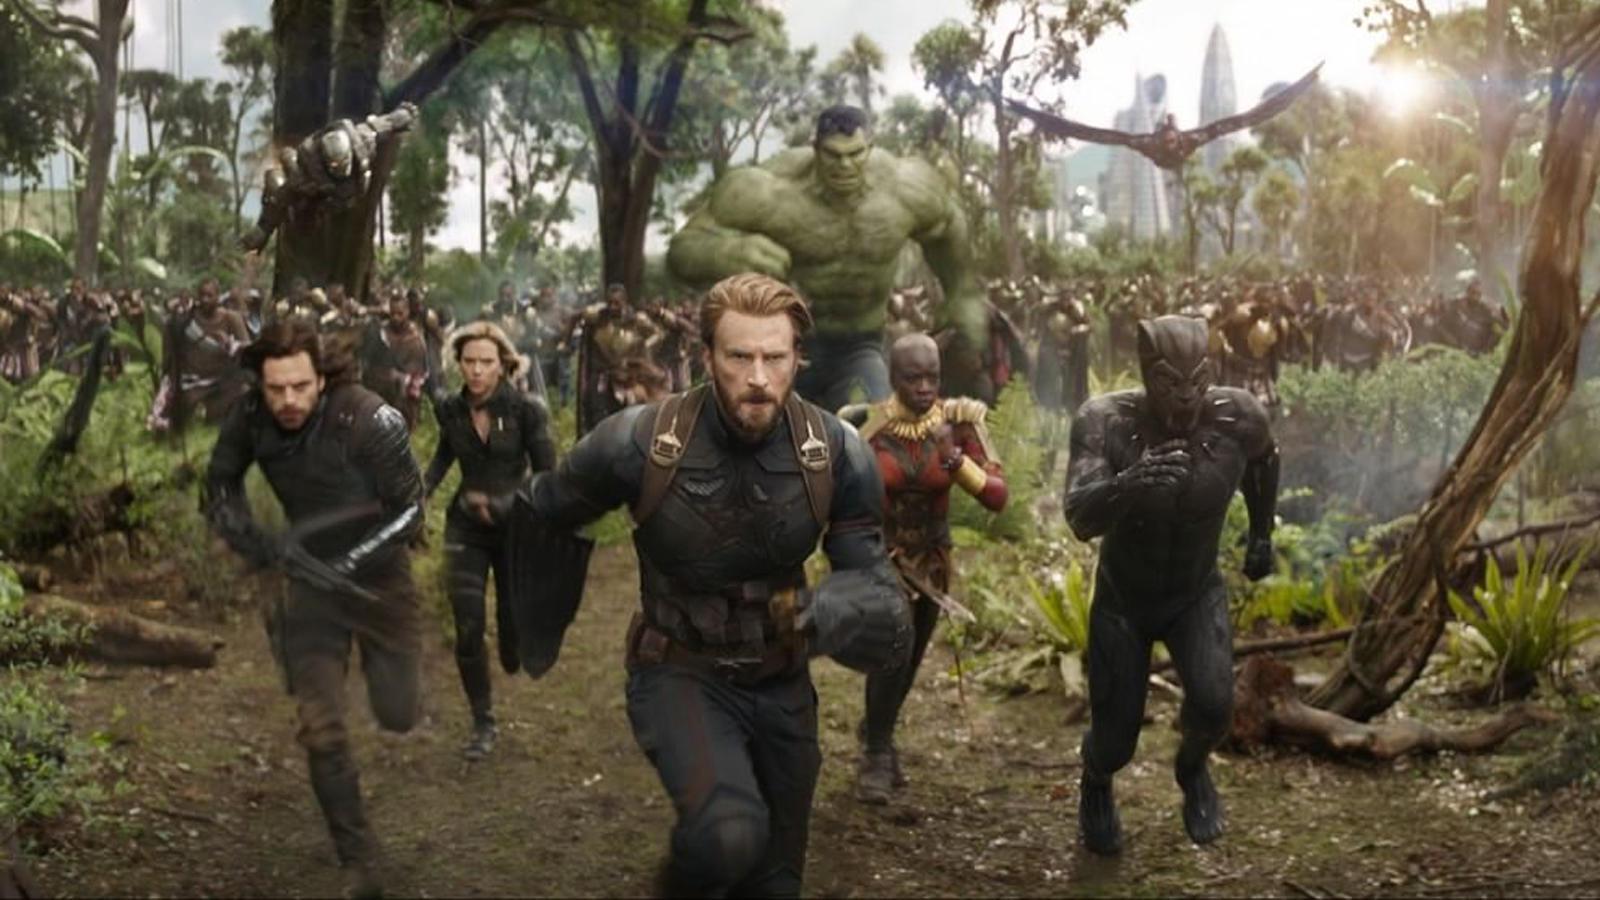 'Avengers: Endgame' runtime makes it longest Marvel movie ever